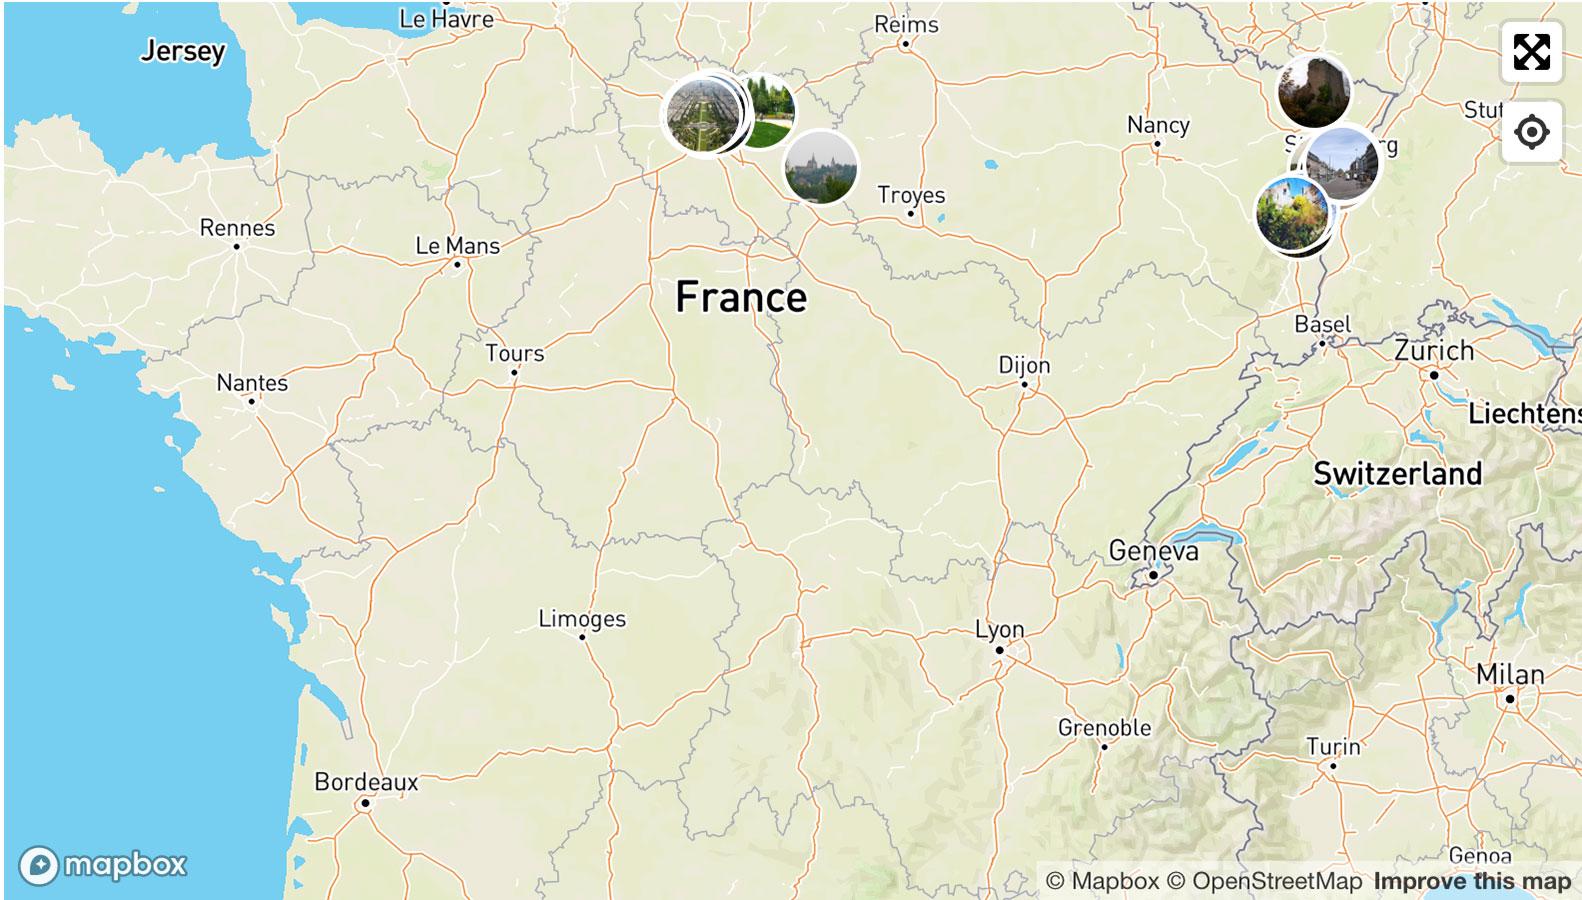 Karta Francii S Gorodami I Regionami Gde Nahoditsya Franciya Na